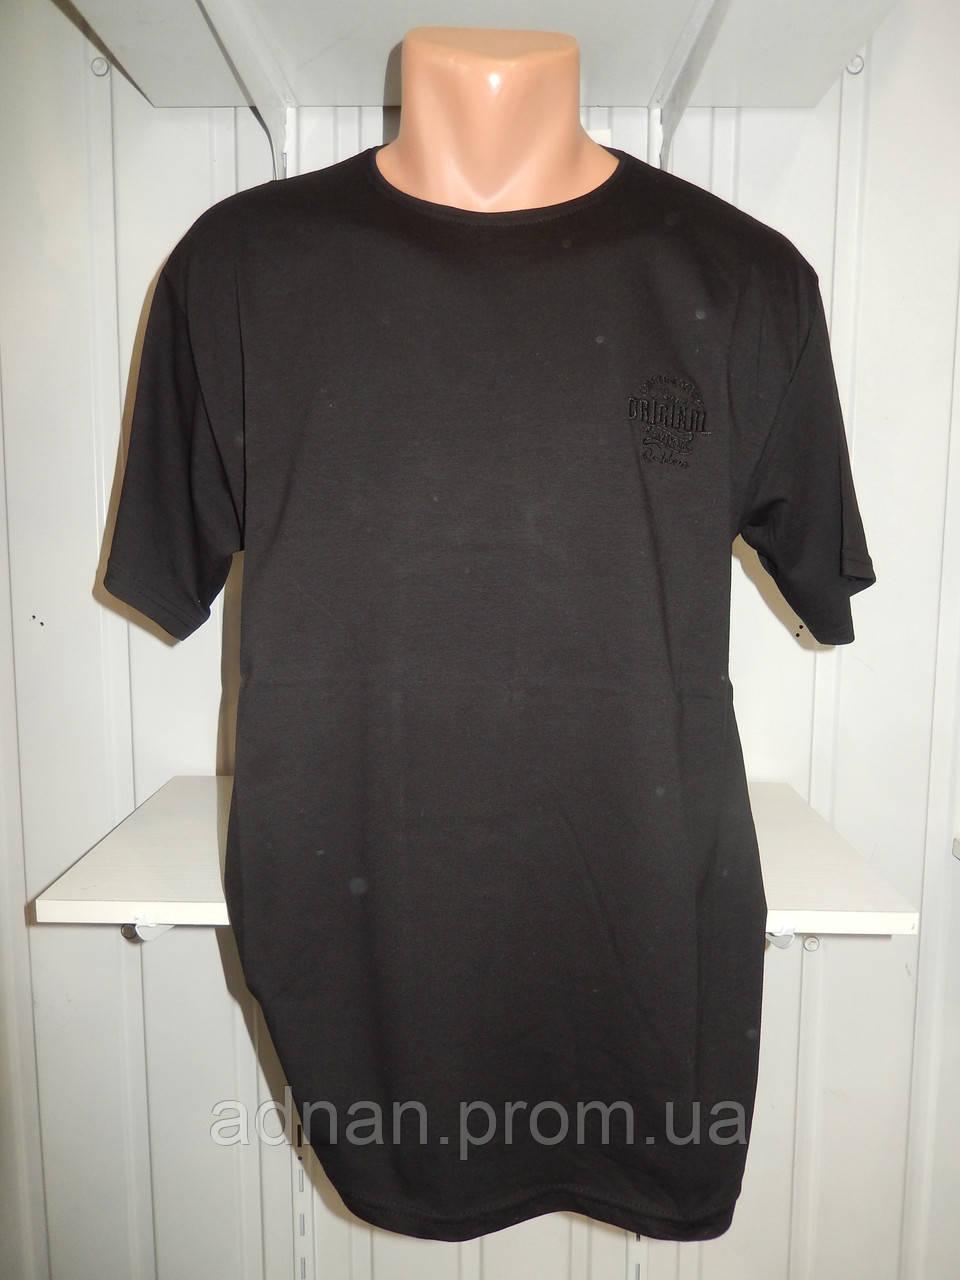 Футболка мужская батал RBS ORIGINAL стрейч коттон  003 \ купить футболку мужскую оптом